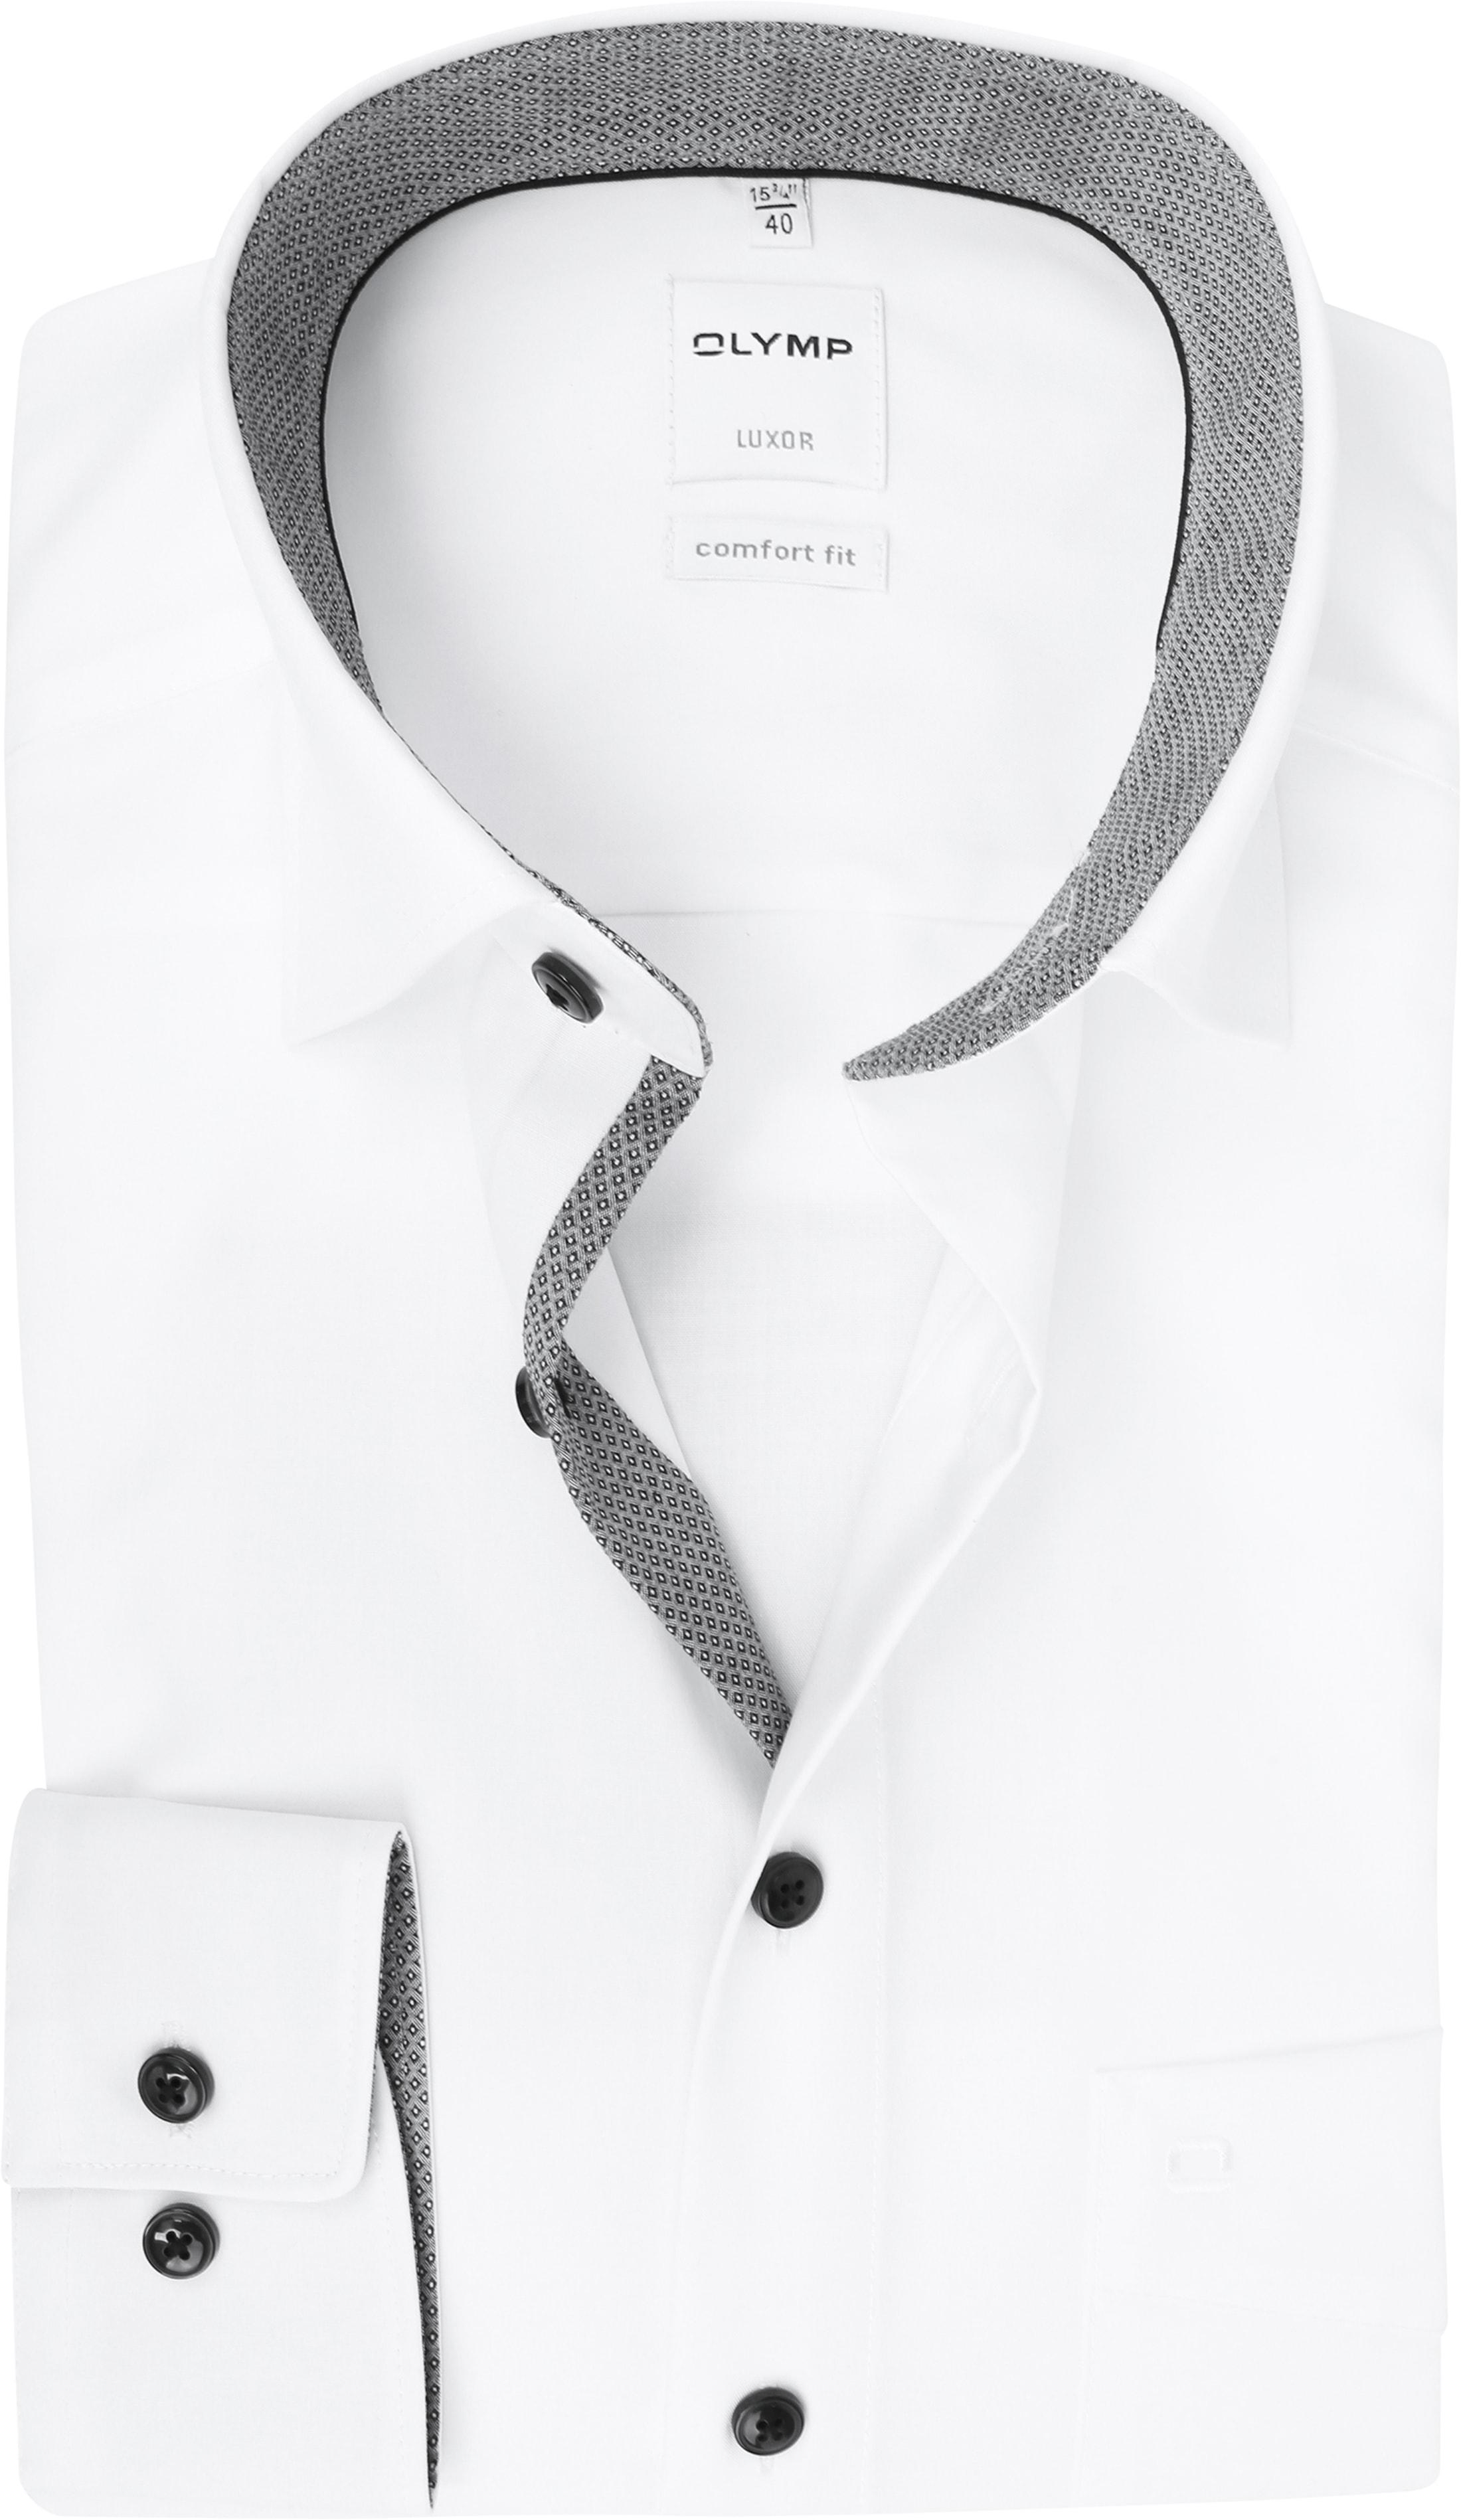 OLYMP CF Luxor White Shirt photo 0